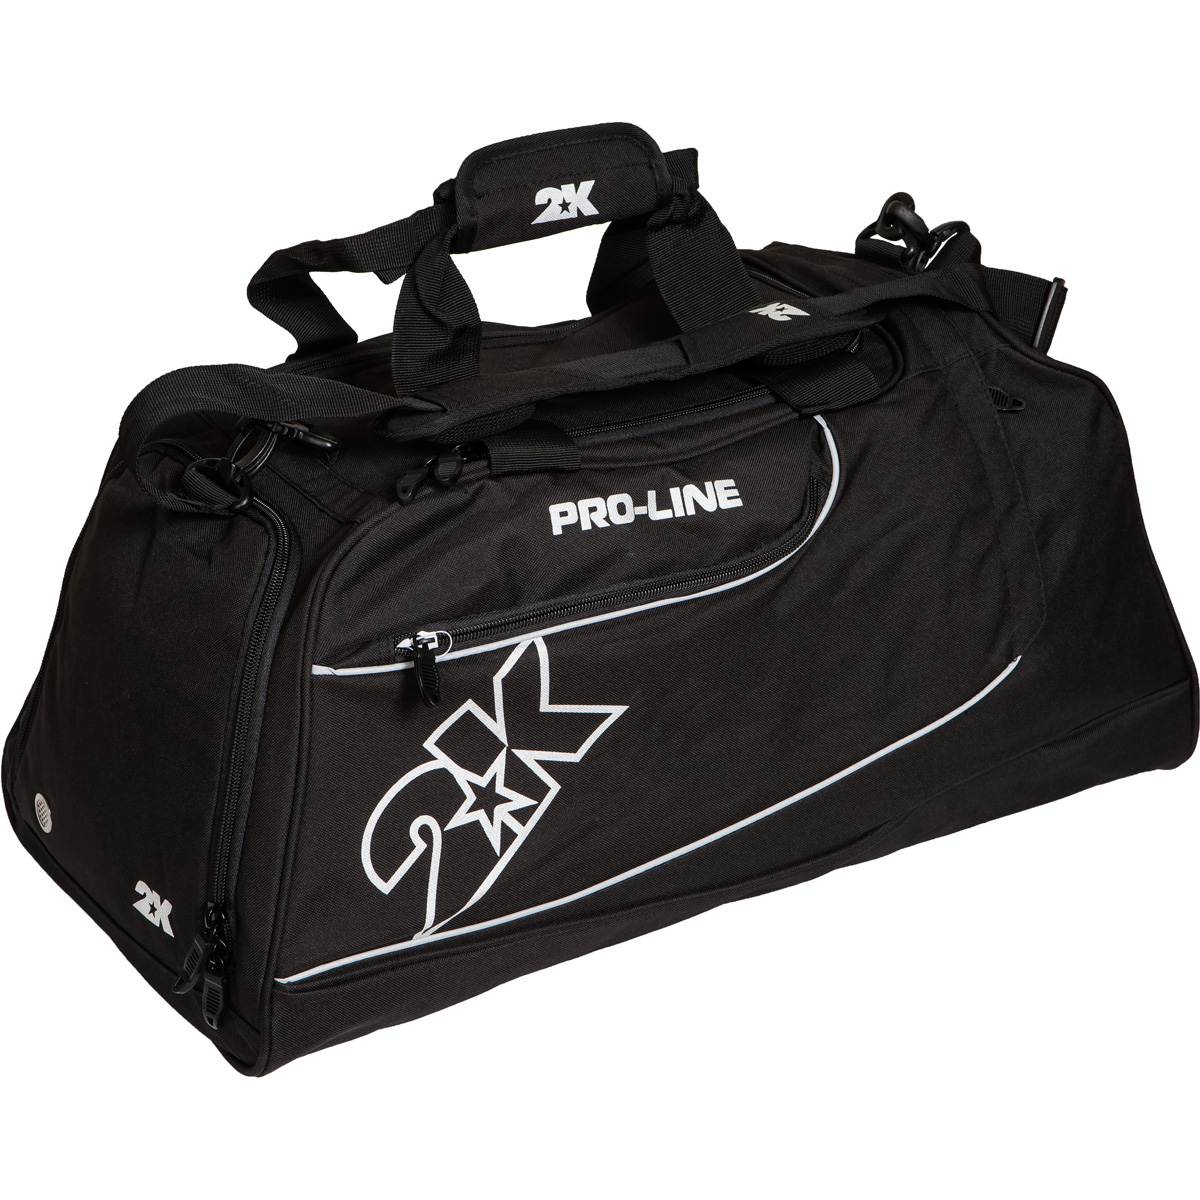 Сумка спортивная 2K Sport Manado, цвет: черный. 128121УТ-000067041Можно переносить на руке и на плече. Размер: 60х30х33 см. (ДхШхВ). Отстегивающийся ремень.